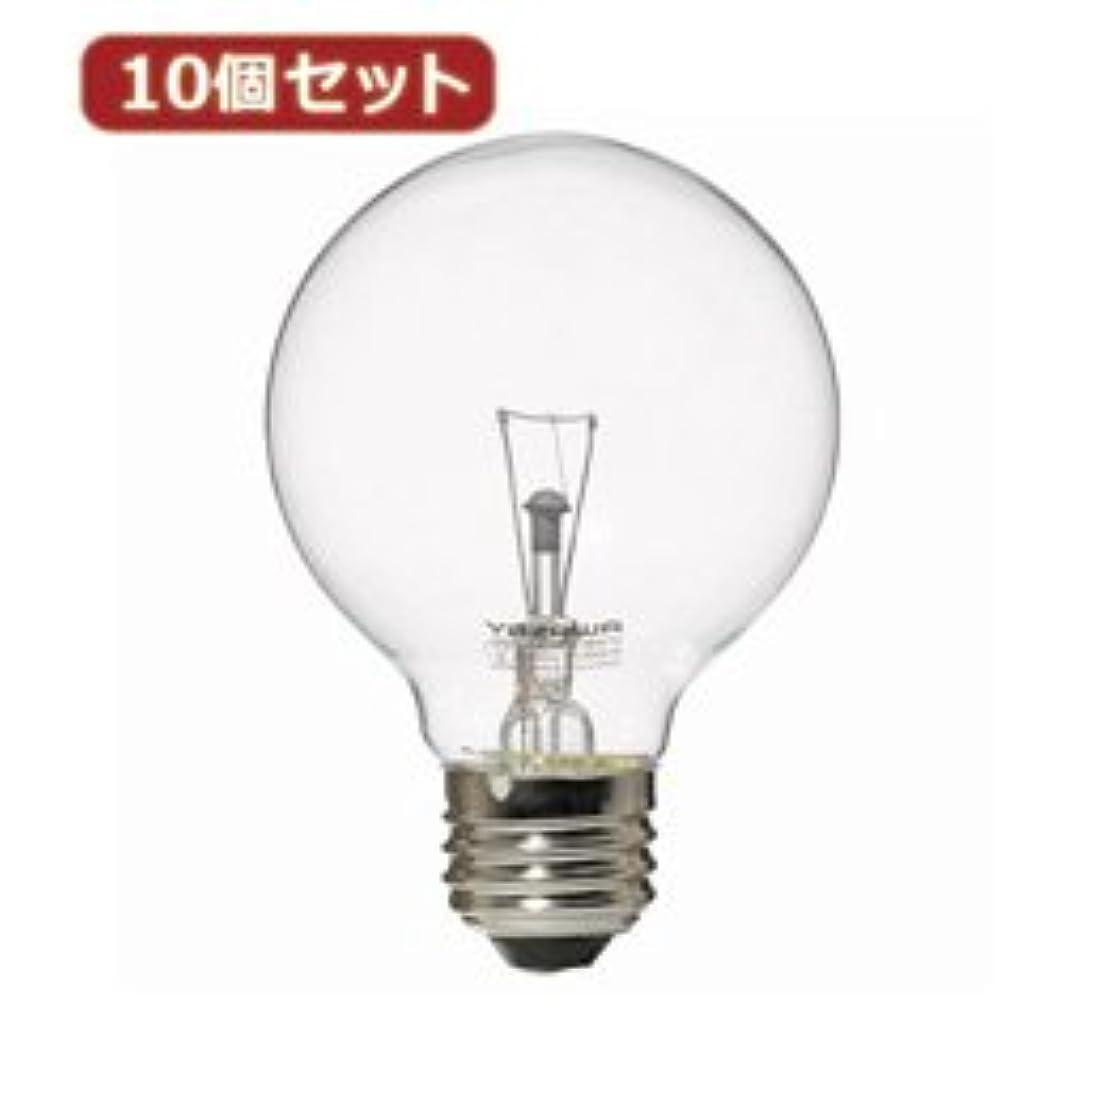 汚物法律詳細に【まとめ 5セット】 YAZAWA 10個セット ボール電球40W形クリア GC100V38W70X10